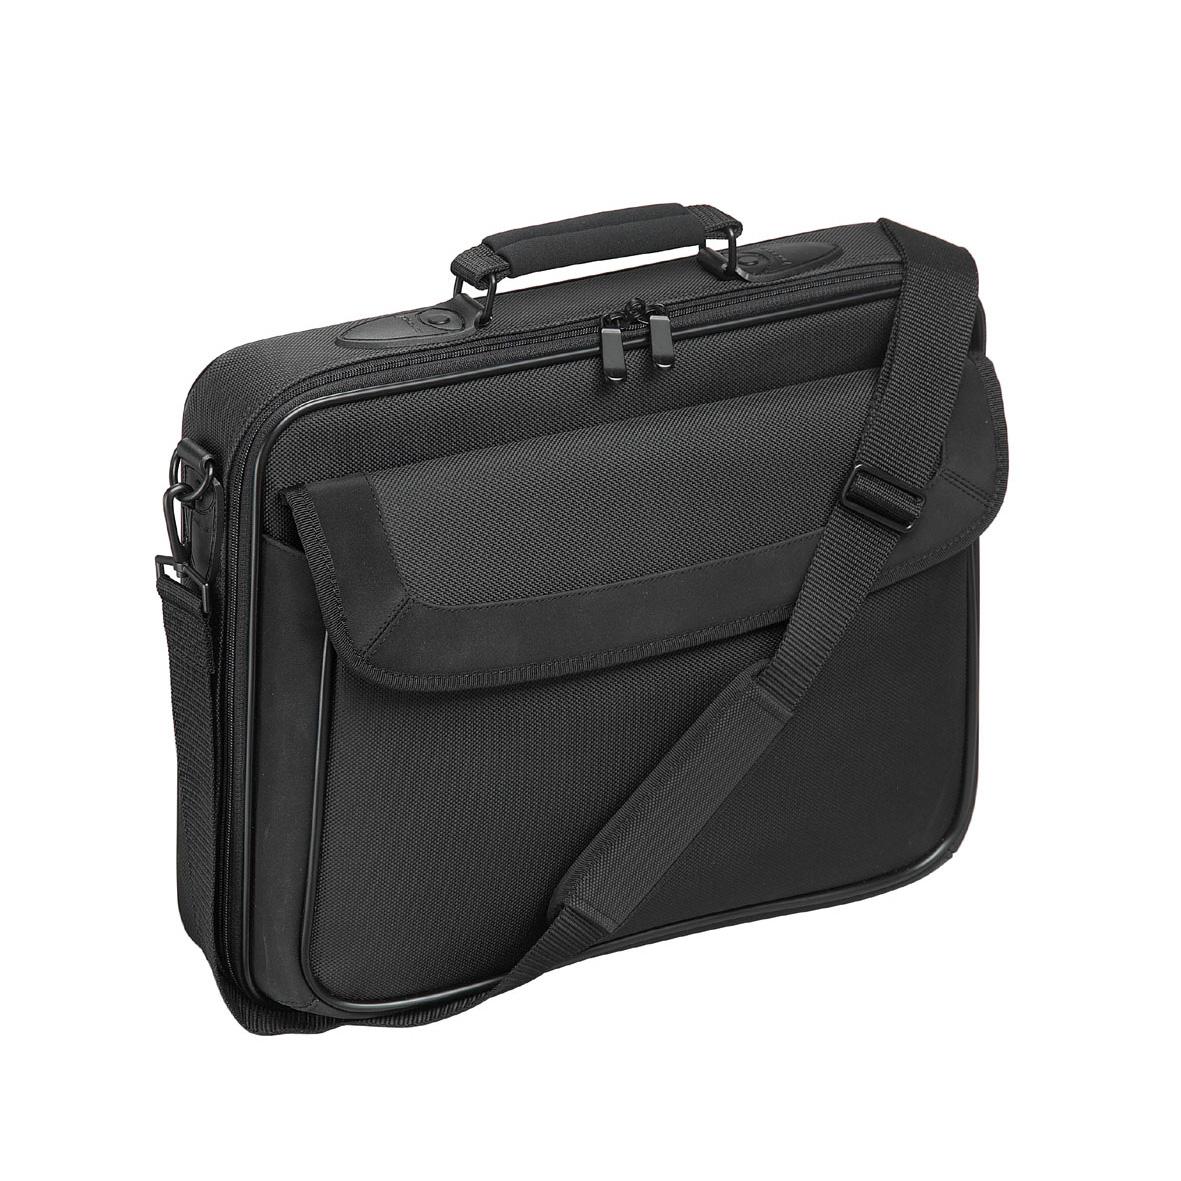 Купить Сумки, наплічники для ноутбуків, Сумка для ноутбука Targus TAR300 чорна, 42021291900000